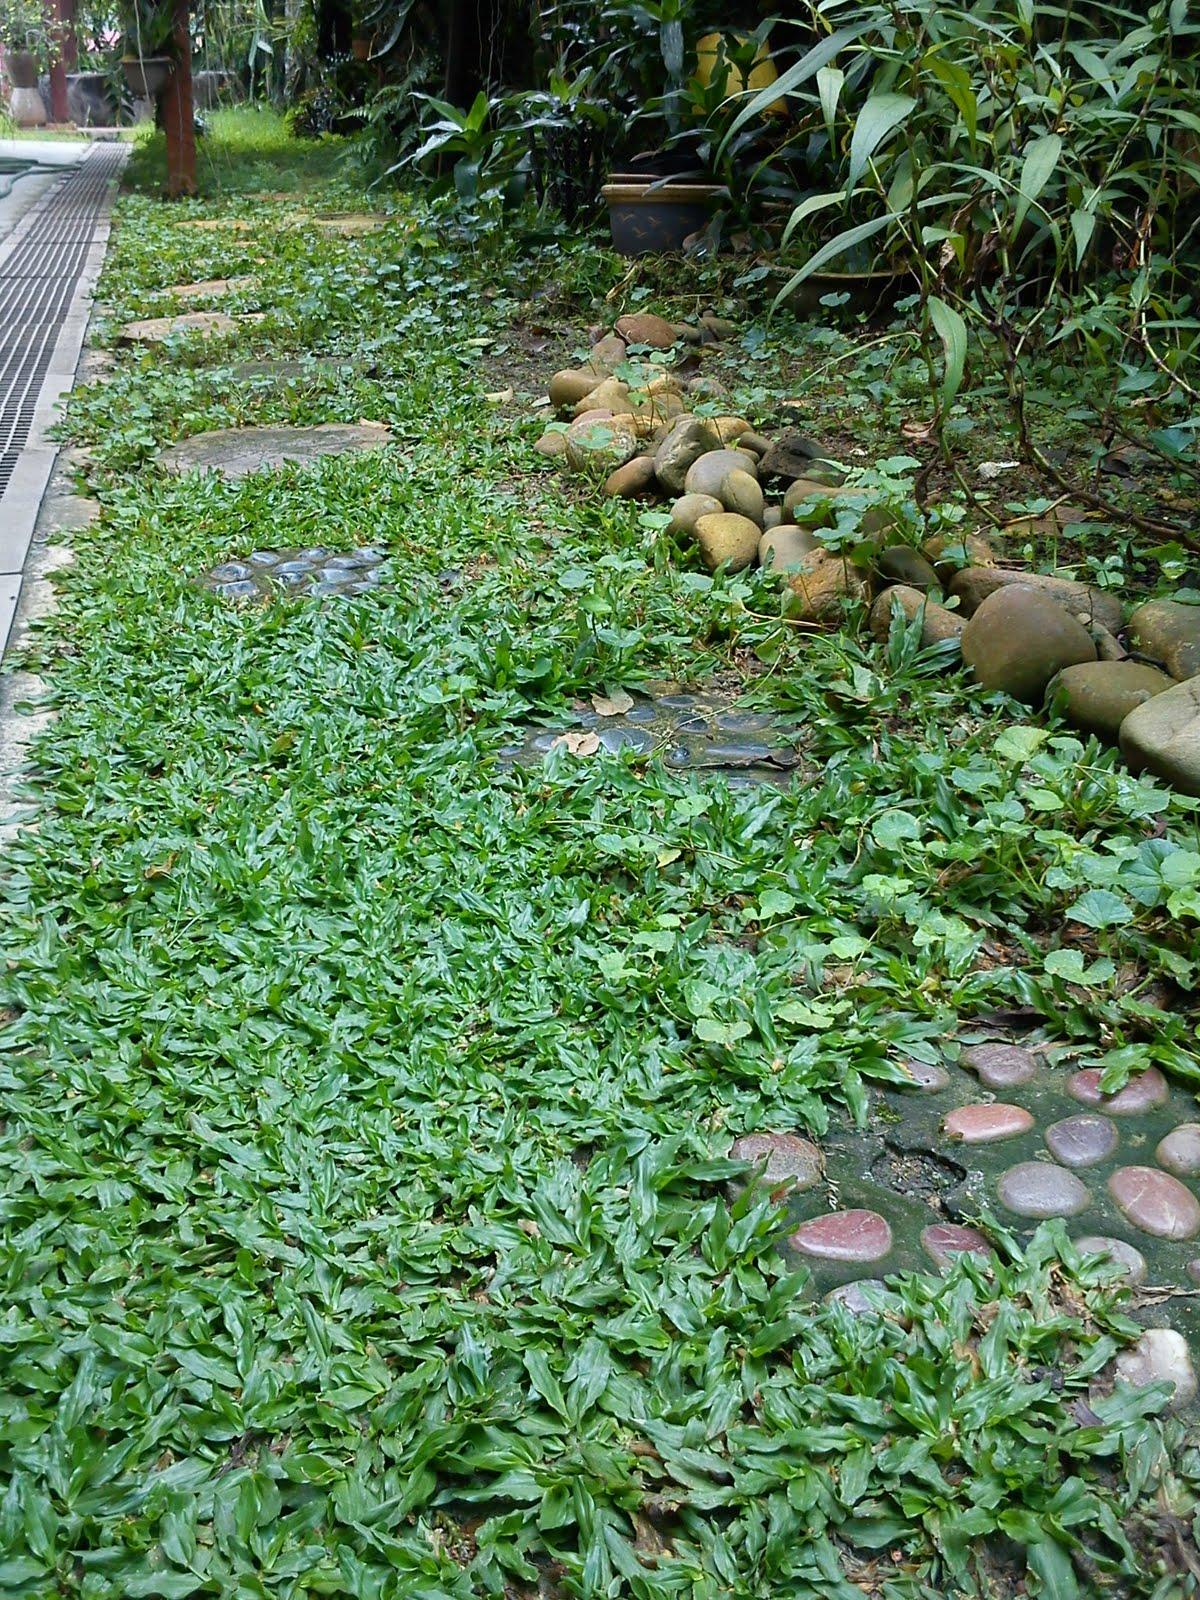 Impiana Iman Rumput Mutiara Pearl Grass Cara menanam rumput mutiara